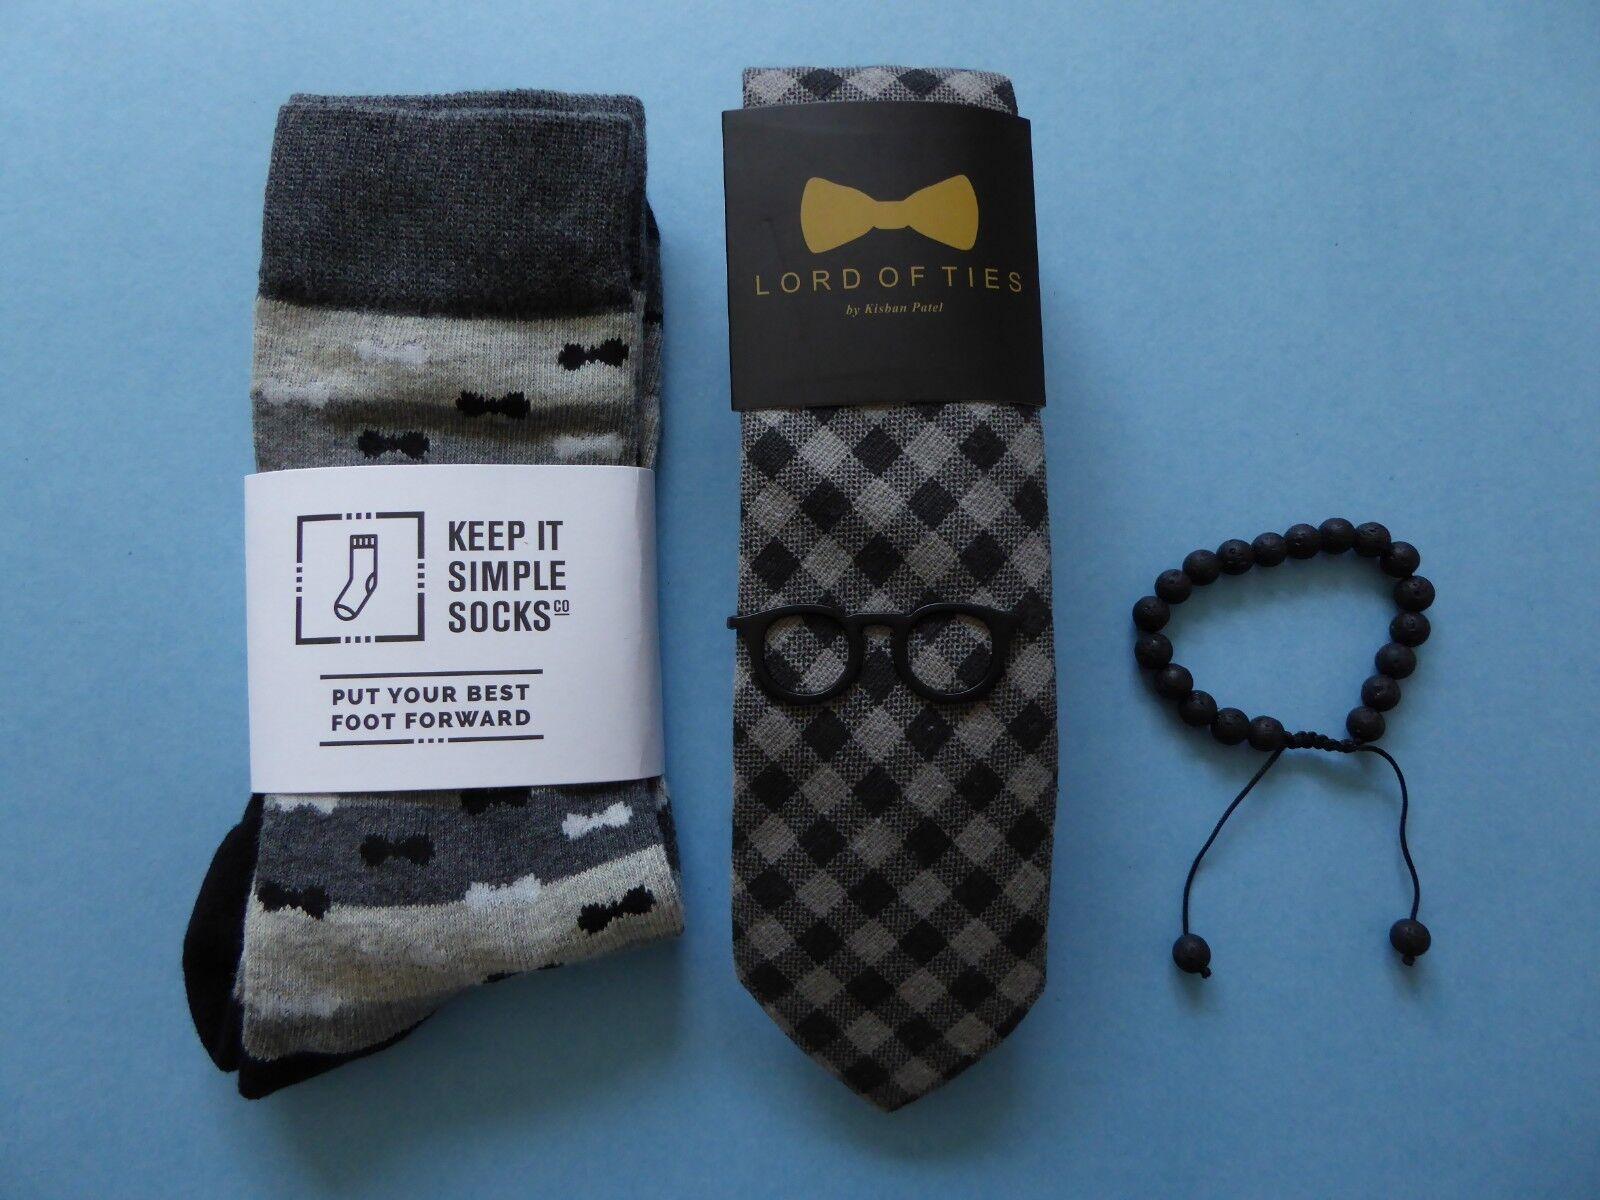 Lord of Ties Tie + Keep it Simple Bow Tie Socks + Tropicalia Bracelet + Tie Clip